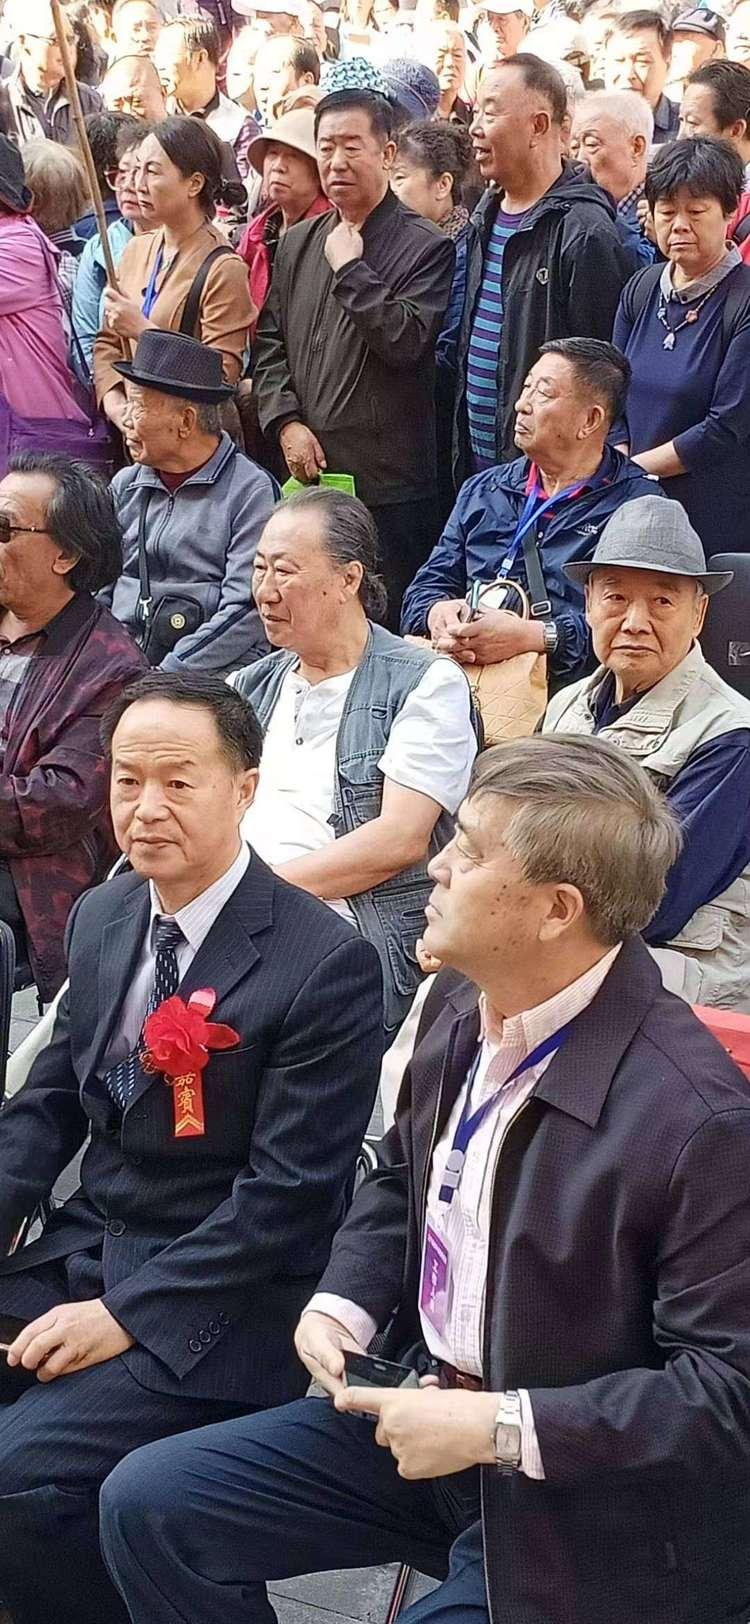 辽宁老年书画研究会与辽宁美术馆承办《庆祝新中国成立70周年书画展》